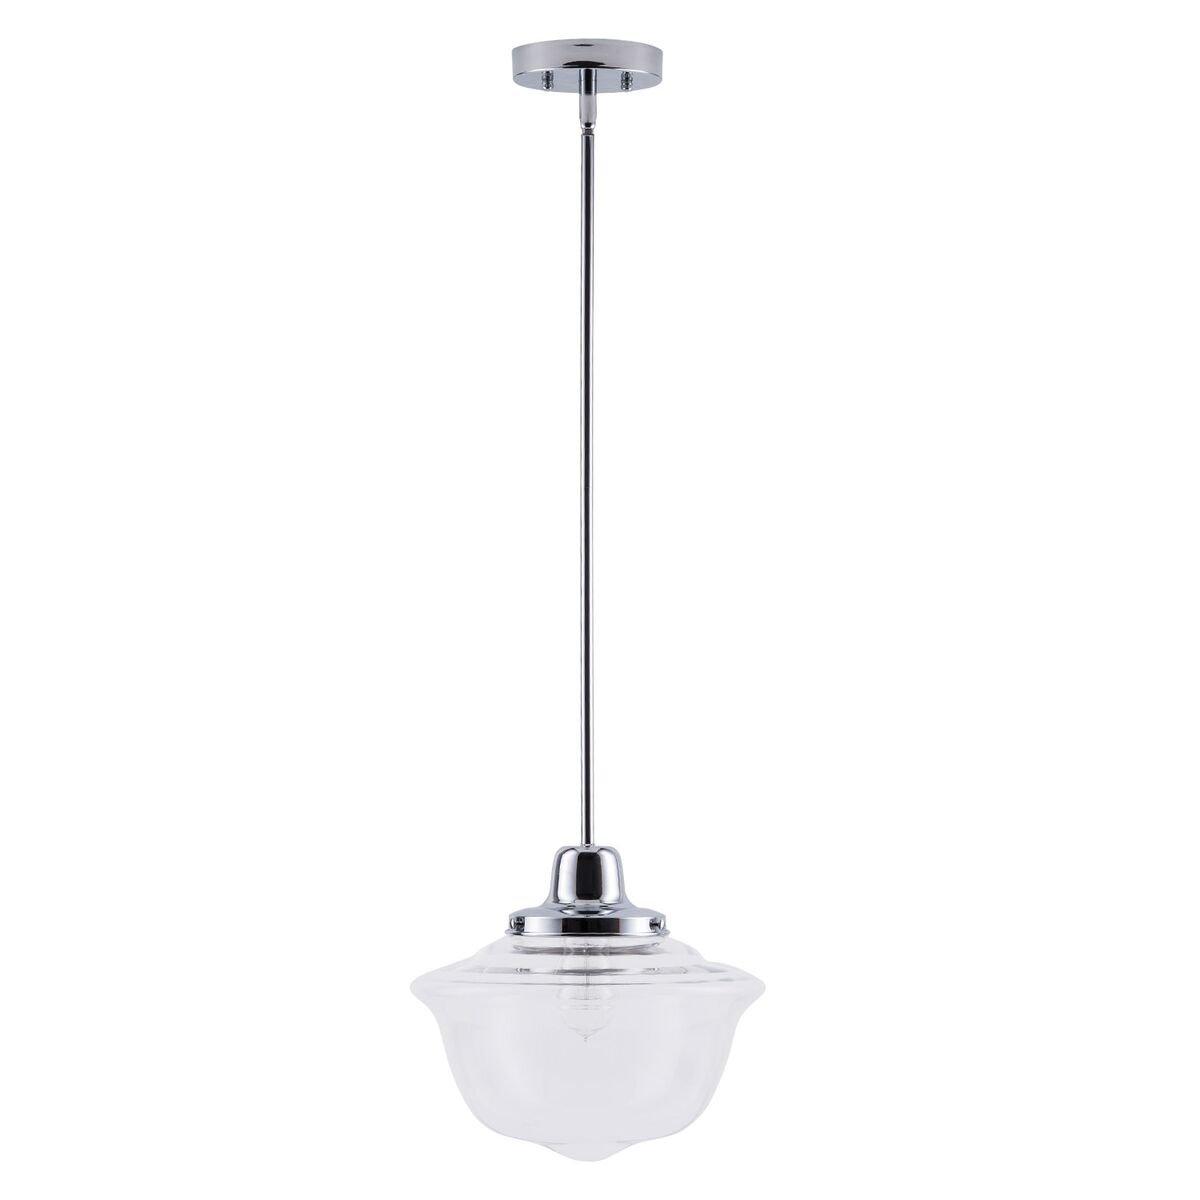 Lavagna LED Schoolhouse Pendant - Chrome w/Clear Glass Shade - Linea di Liara LL-P272-PC by Linea di Liara (Image #5)